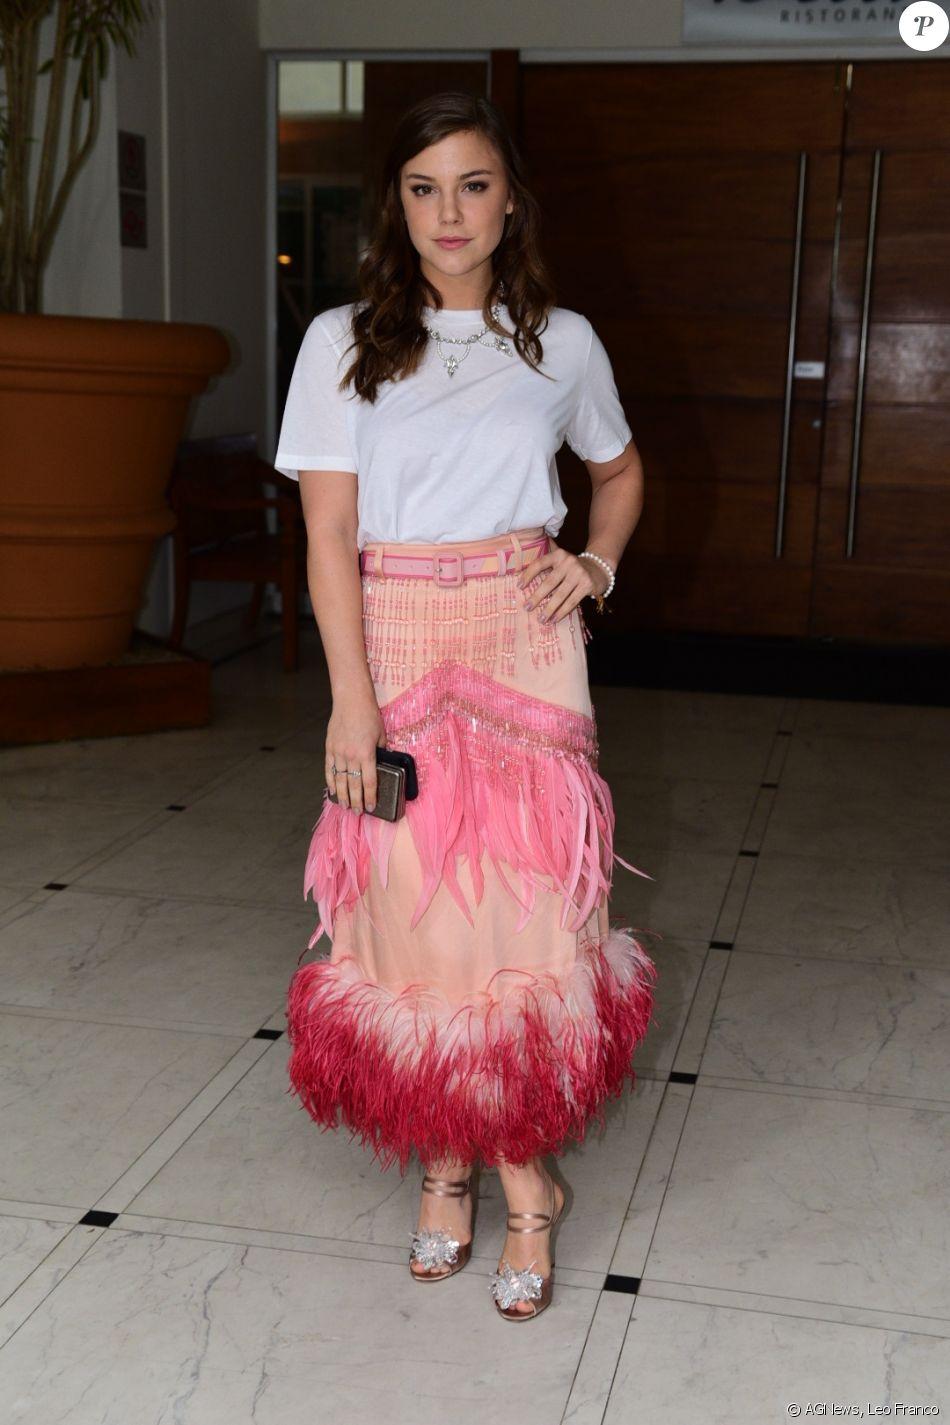 Alice Wegmann chamou a atenção com a saia Prada no casamento de Marina Ruy Barbosa e Xandinho Negrão, em Campinas, São Paulo